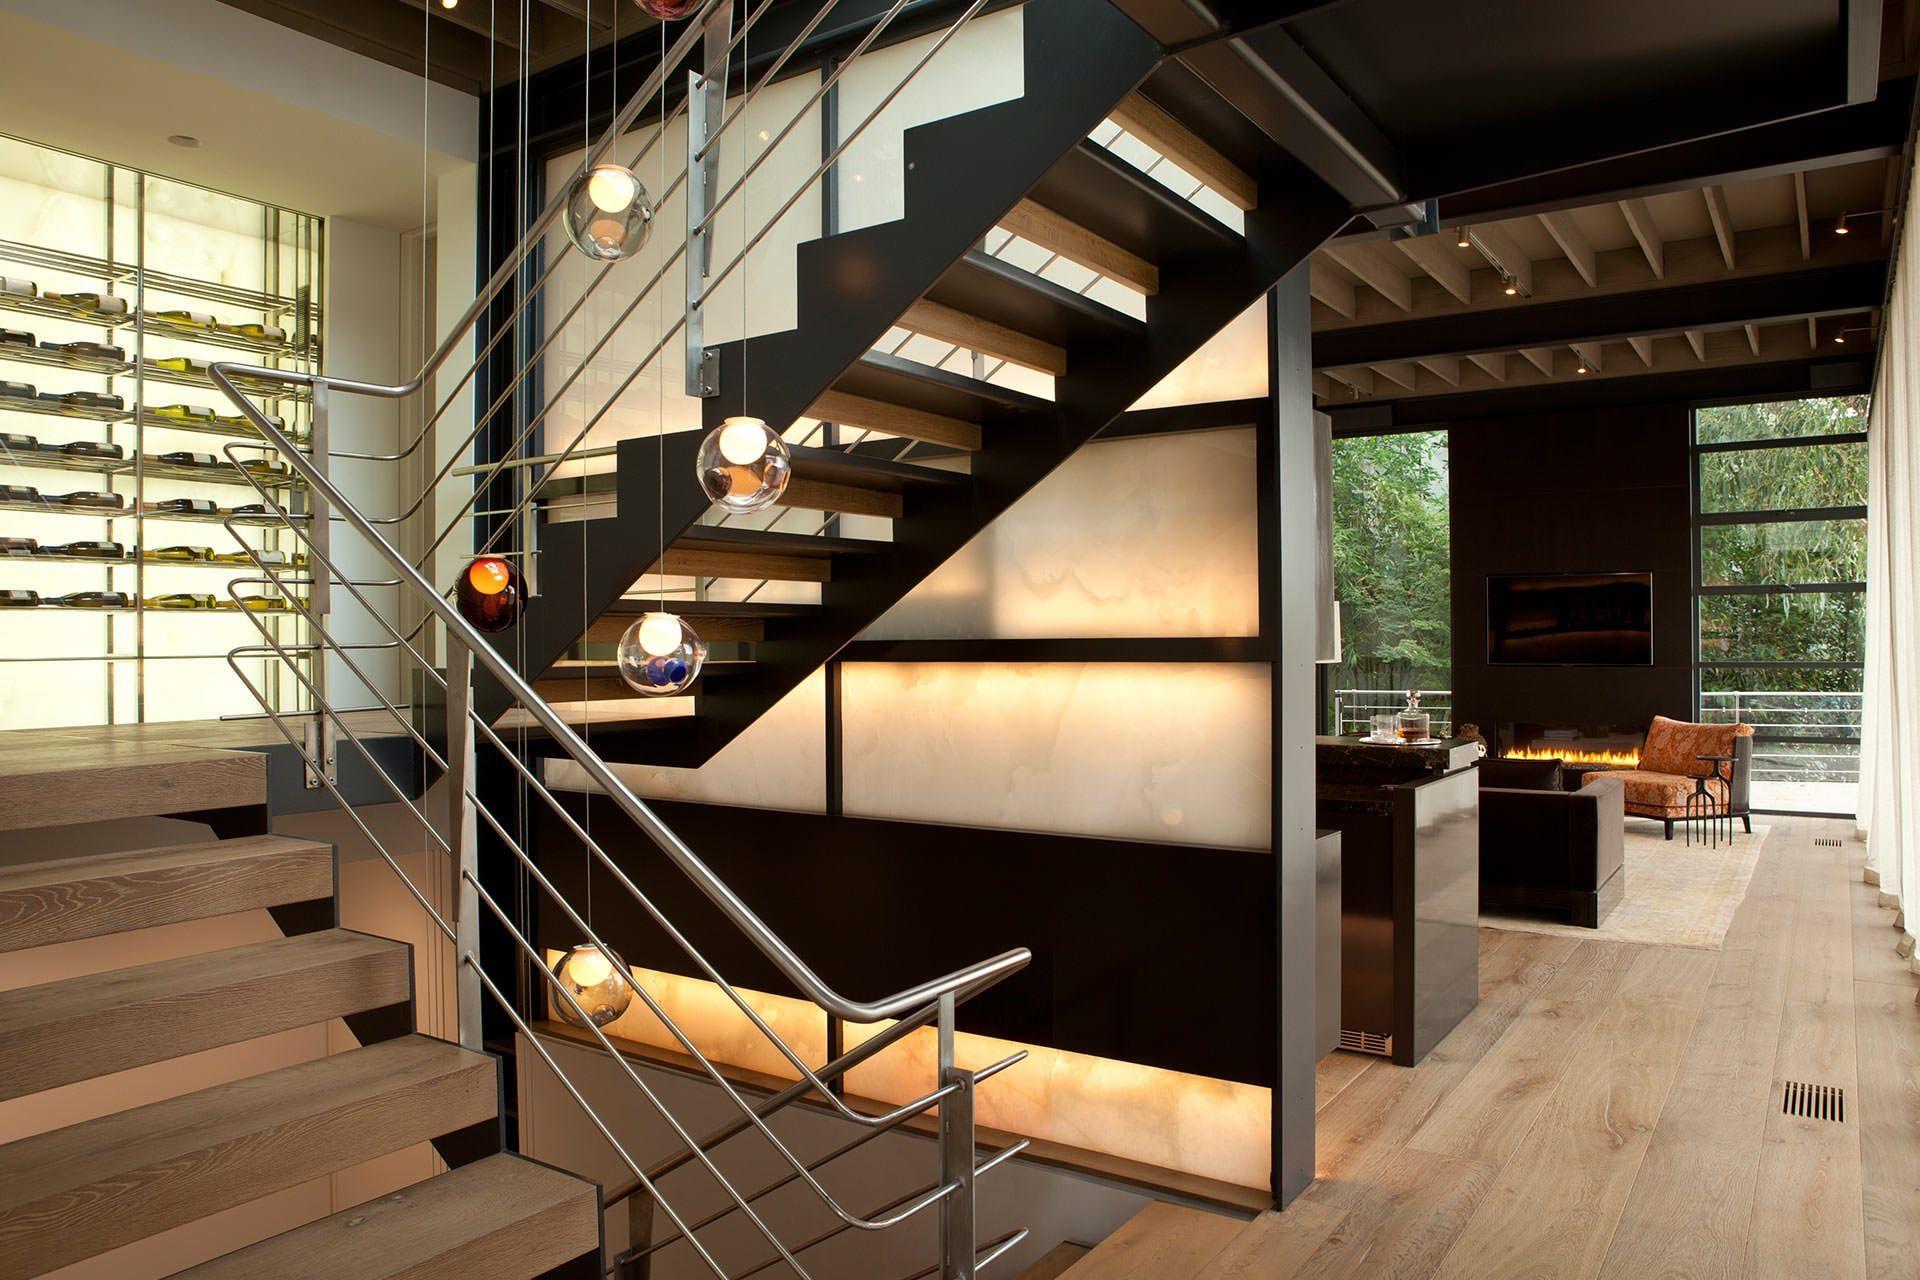 Konzept, Treppe, Industrie Stil Wohnzimmer, Industrieller Stil,  Innenarchitektur, Innenarchitektur, Modernes